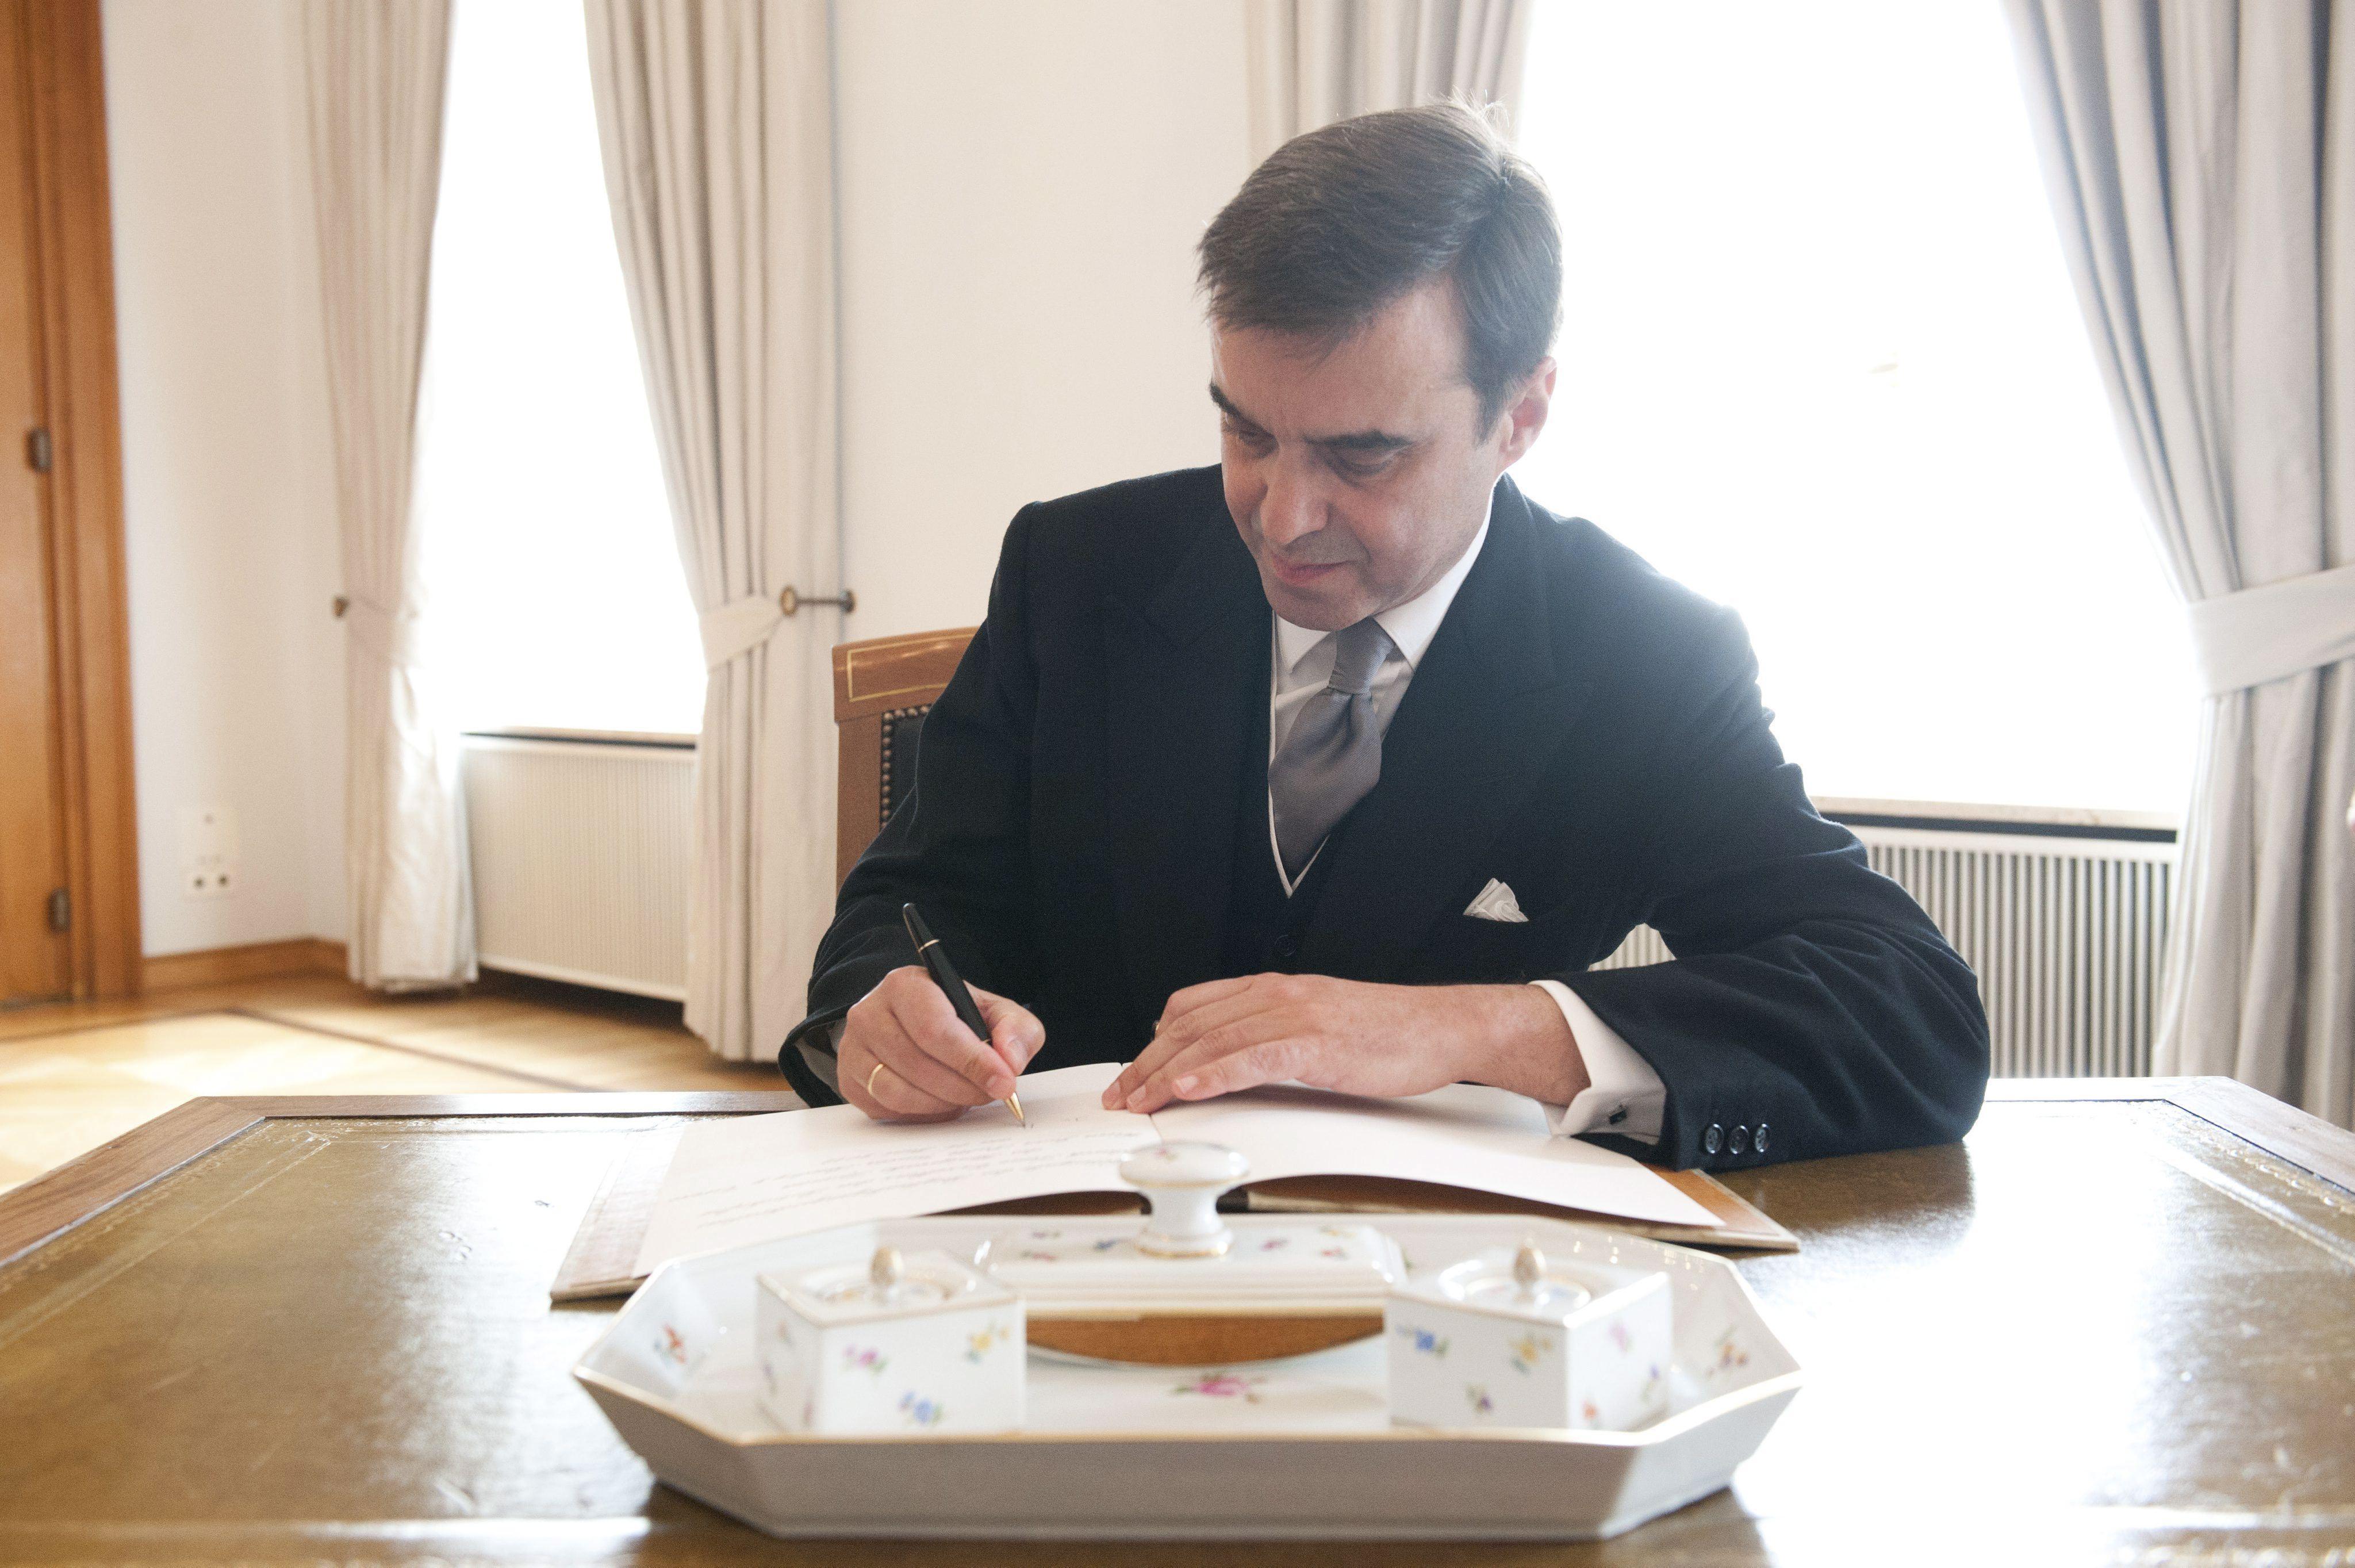 El embajador de España en Alemania dice que la victoria de Merkel es buena para España